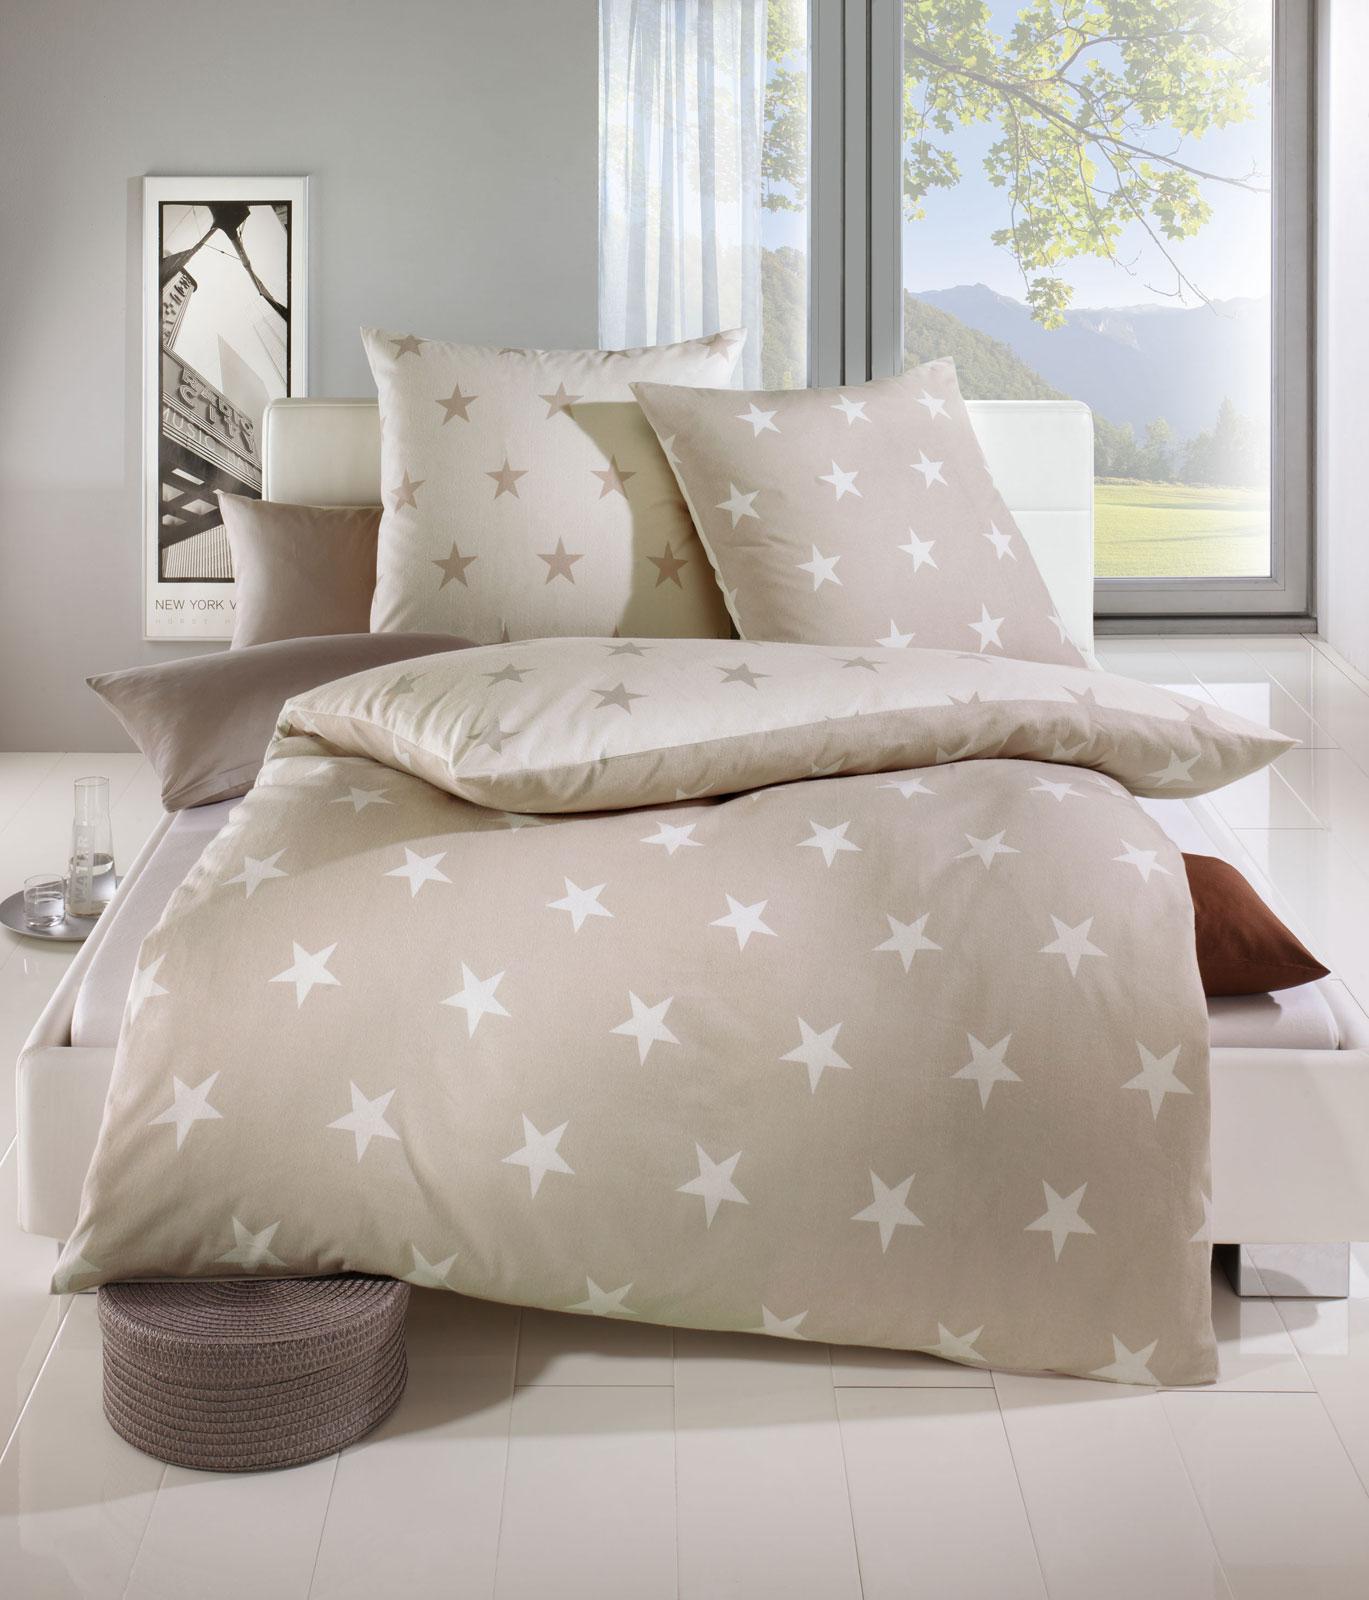 Biber Bettwäsche Sterne : kaeppel biber bettw sche 135x200 327 546 sterne natur ebay ~ Watch28wear.com Haus und Dekorationen